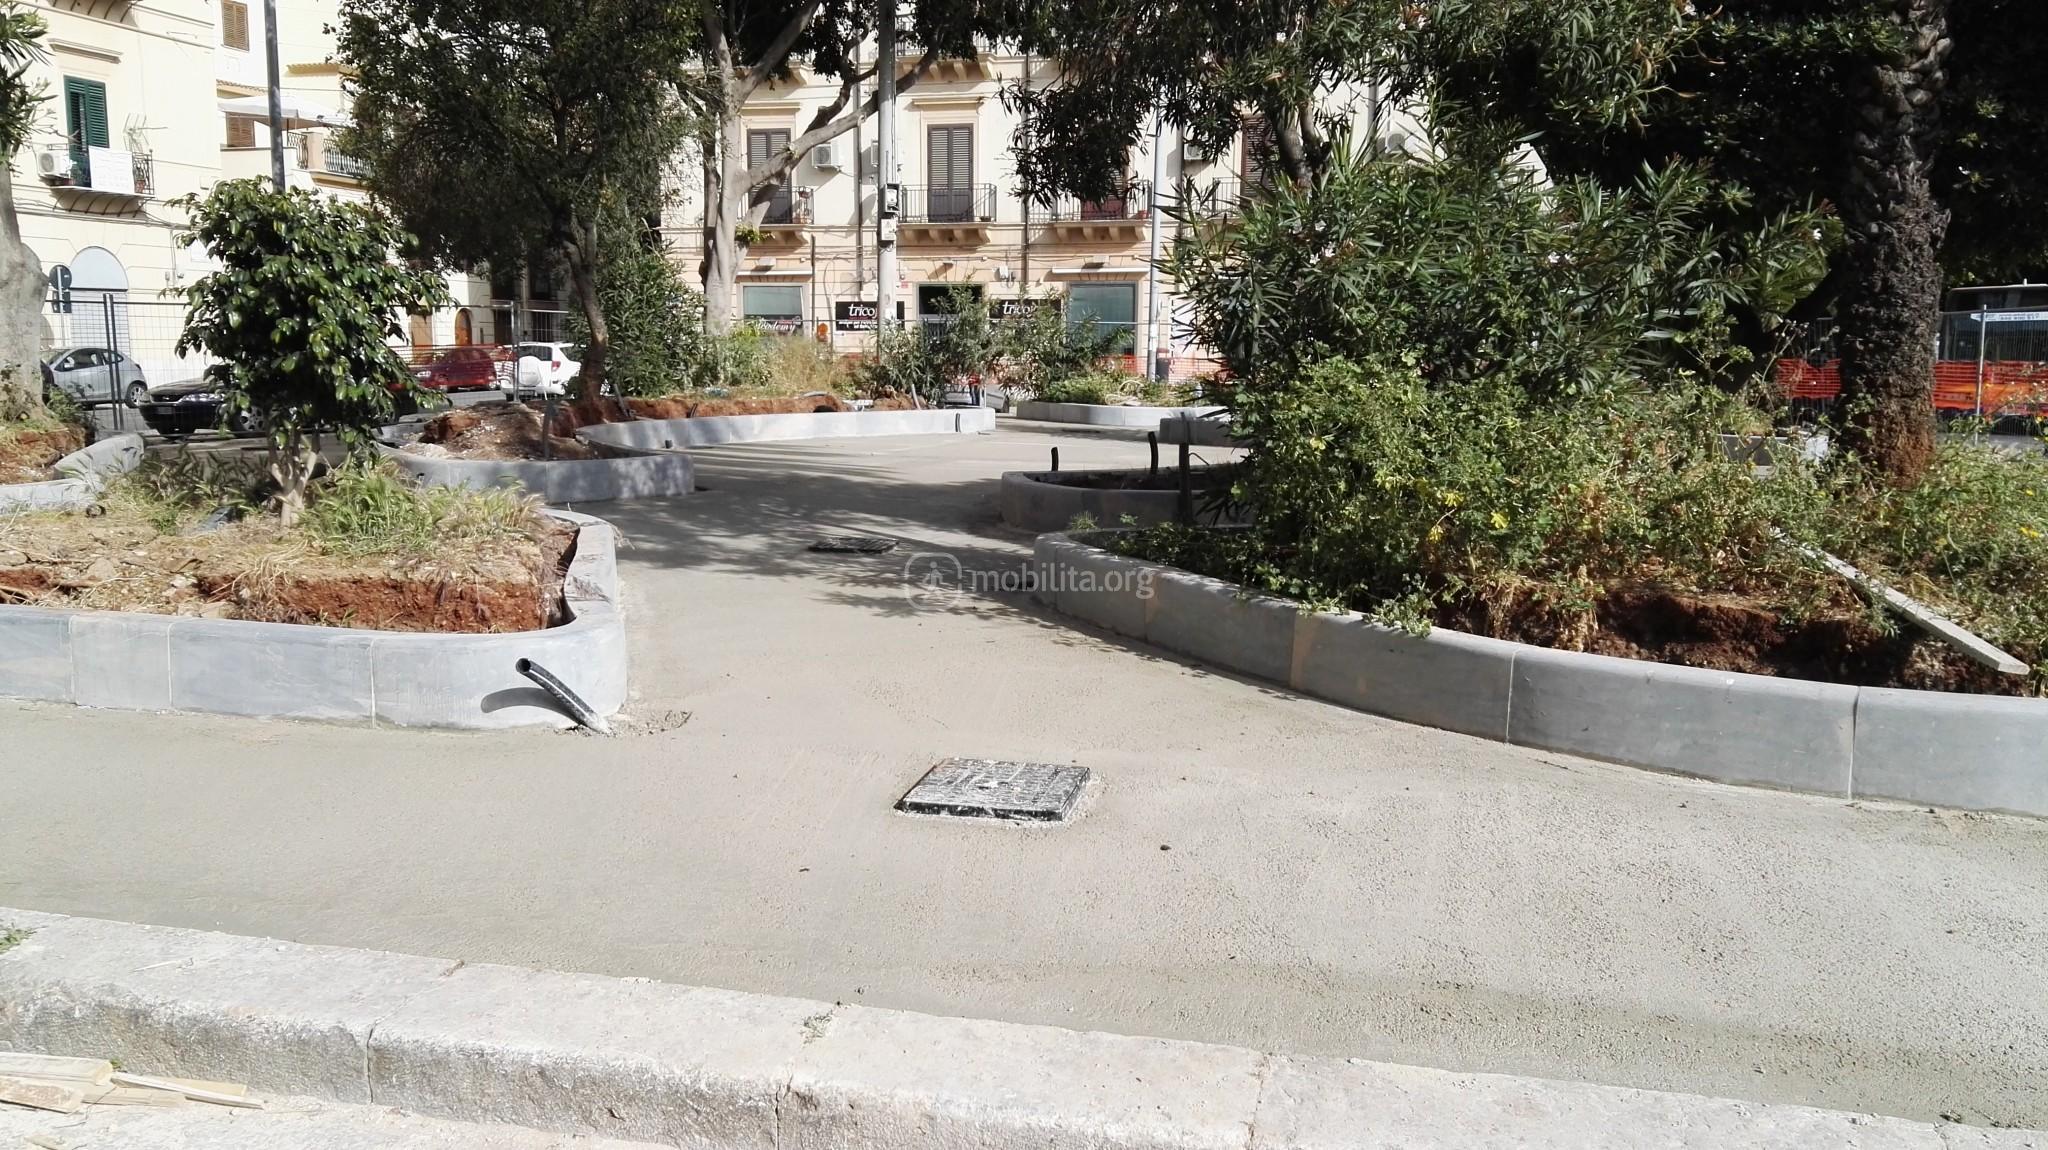 Grandi stazioni il recupero di piazza cupani mobilita for Mobilita palermo